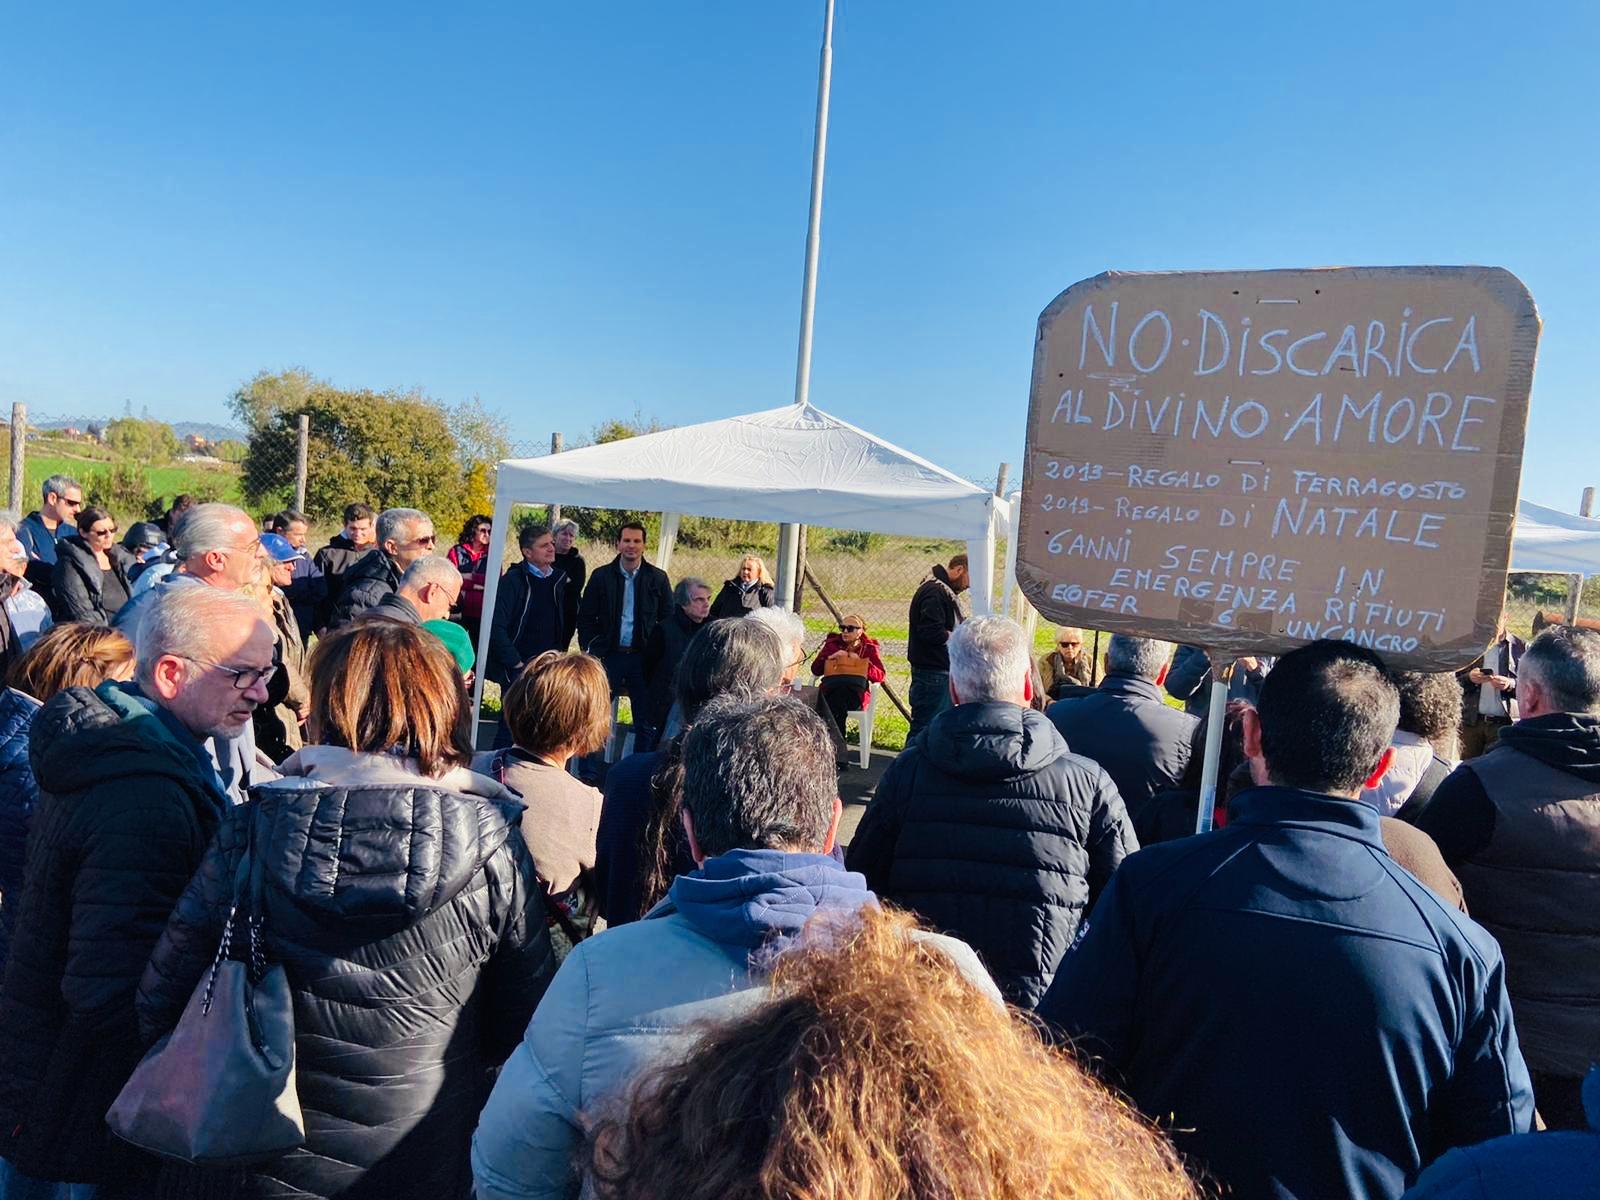 """Rifiuti, Forza Italia: """"Ribadiamo nostro NO alla discarica al Divino Amore"""""""